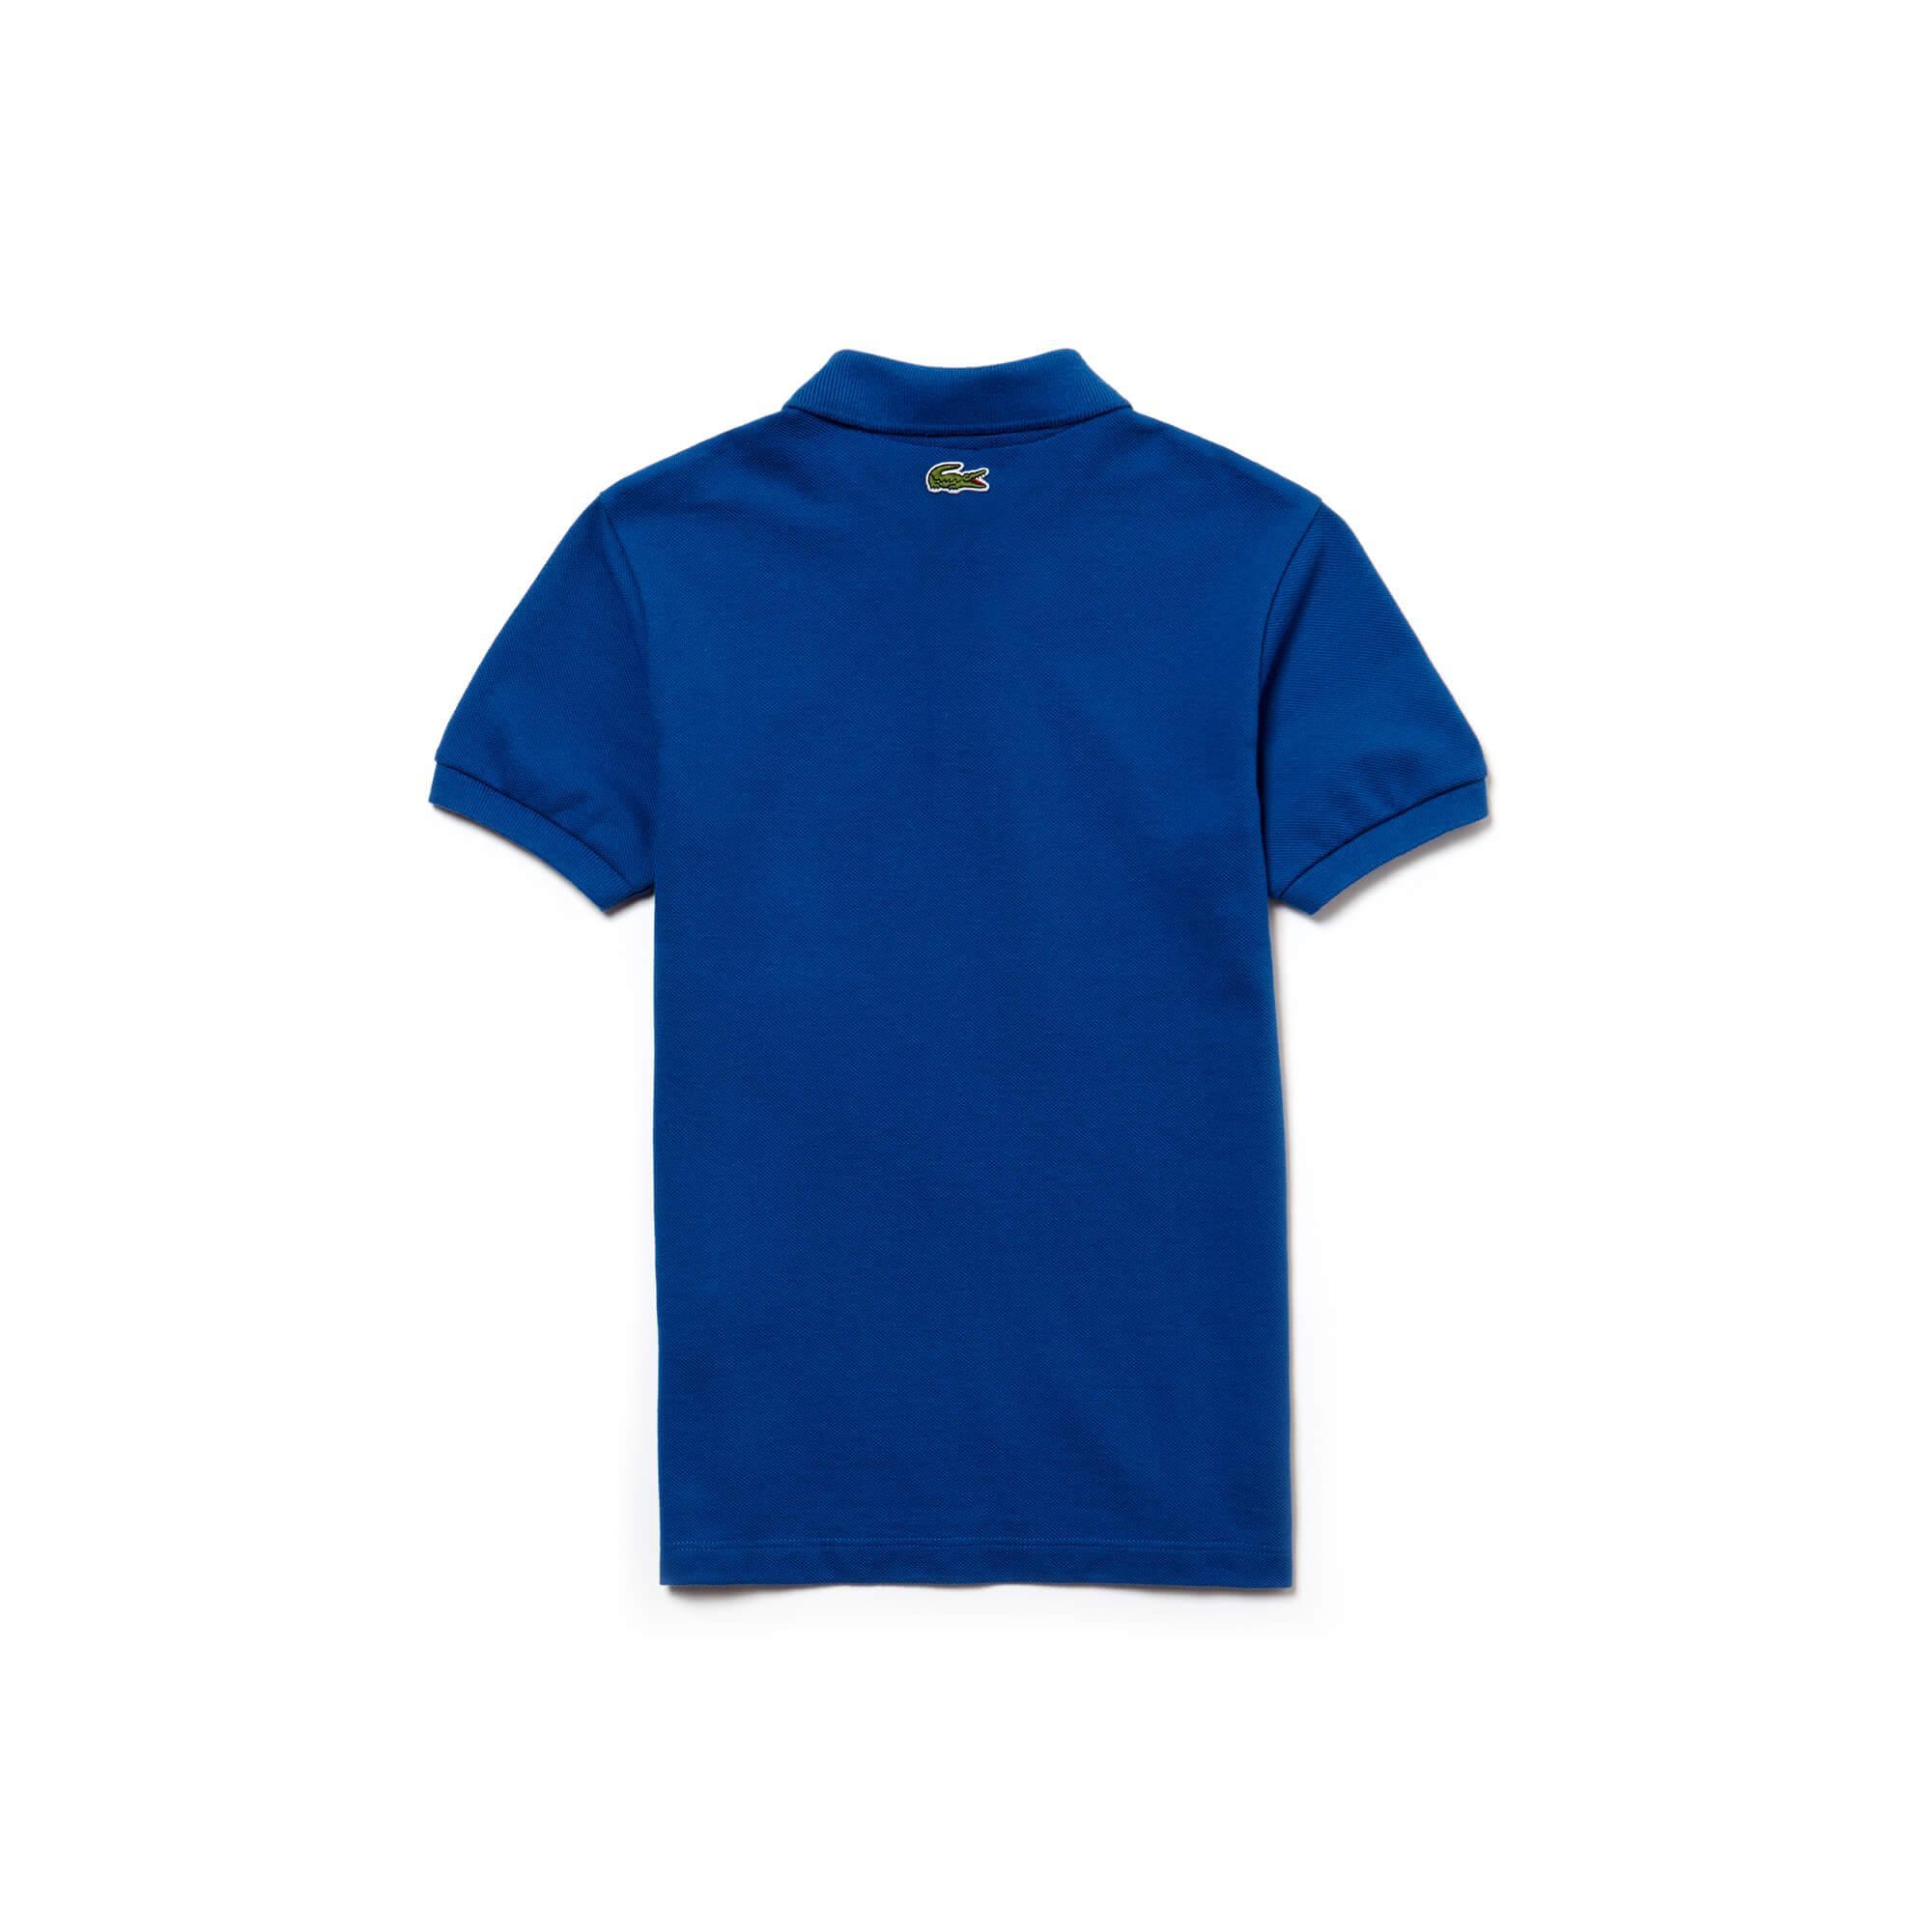 Lacoste Erkek Çocuk Mavi Polo